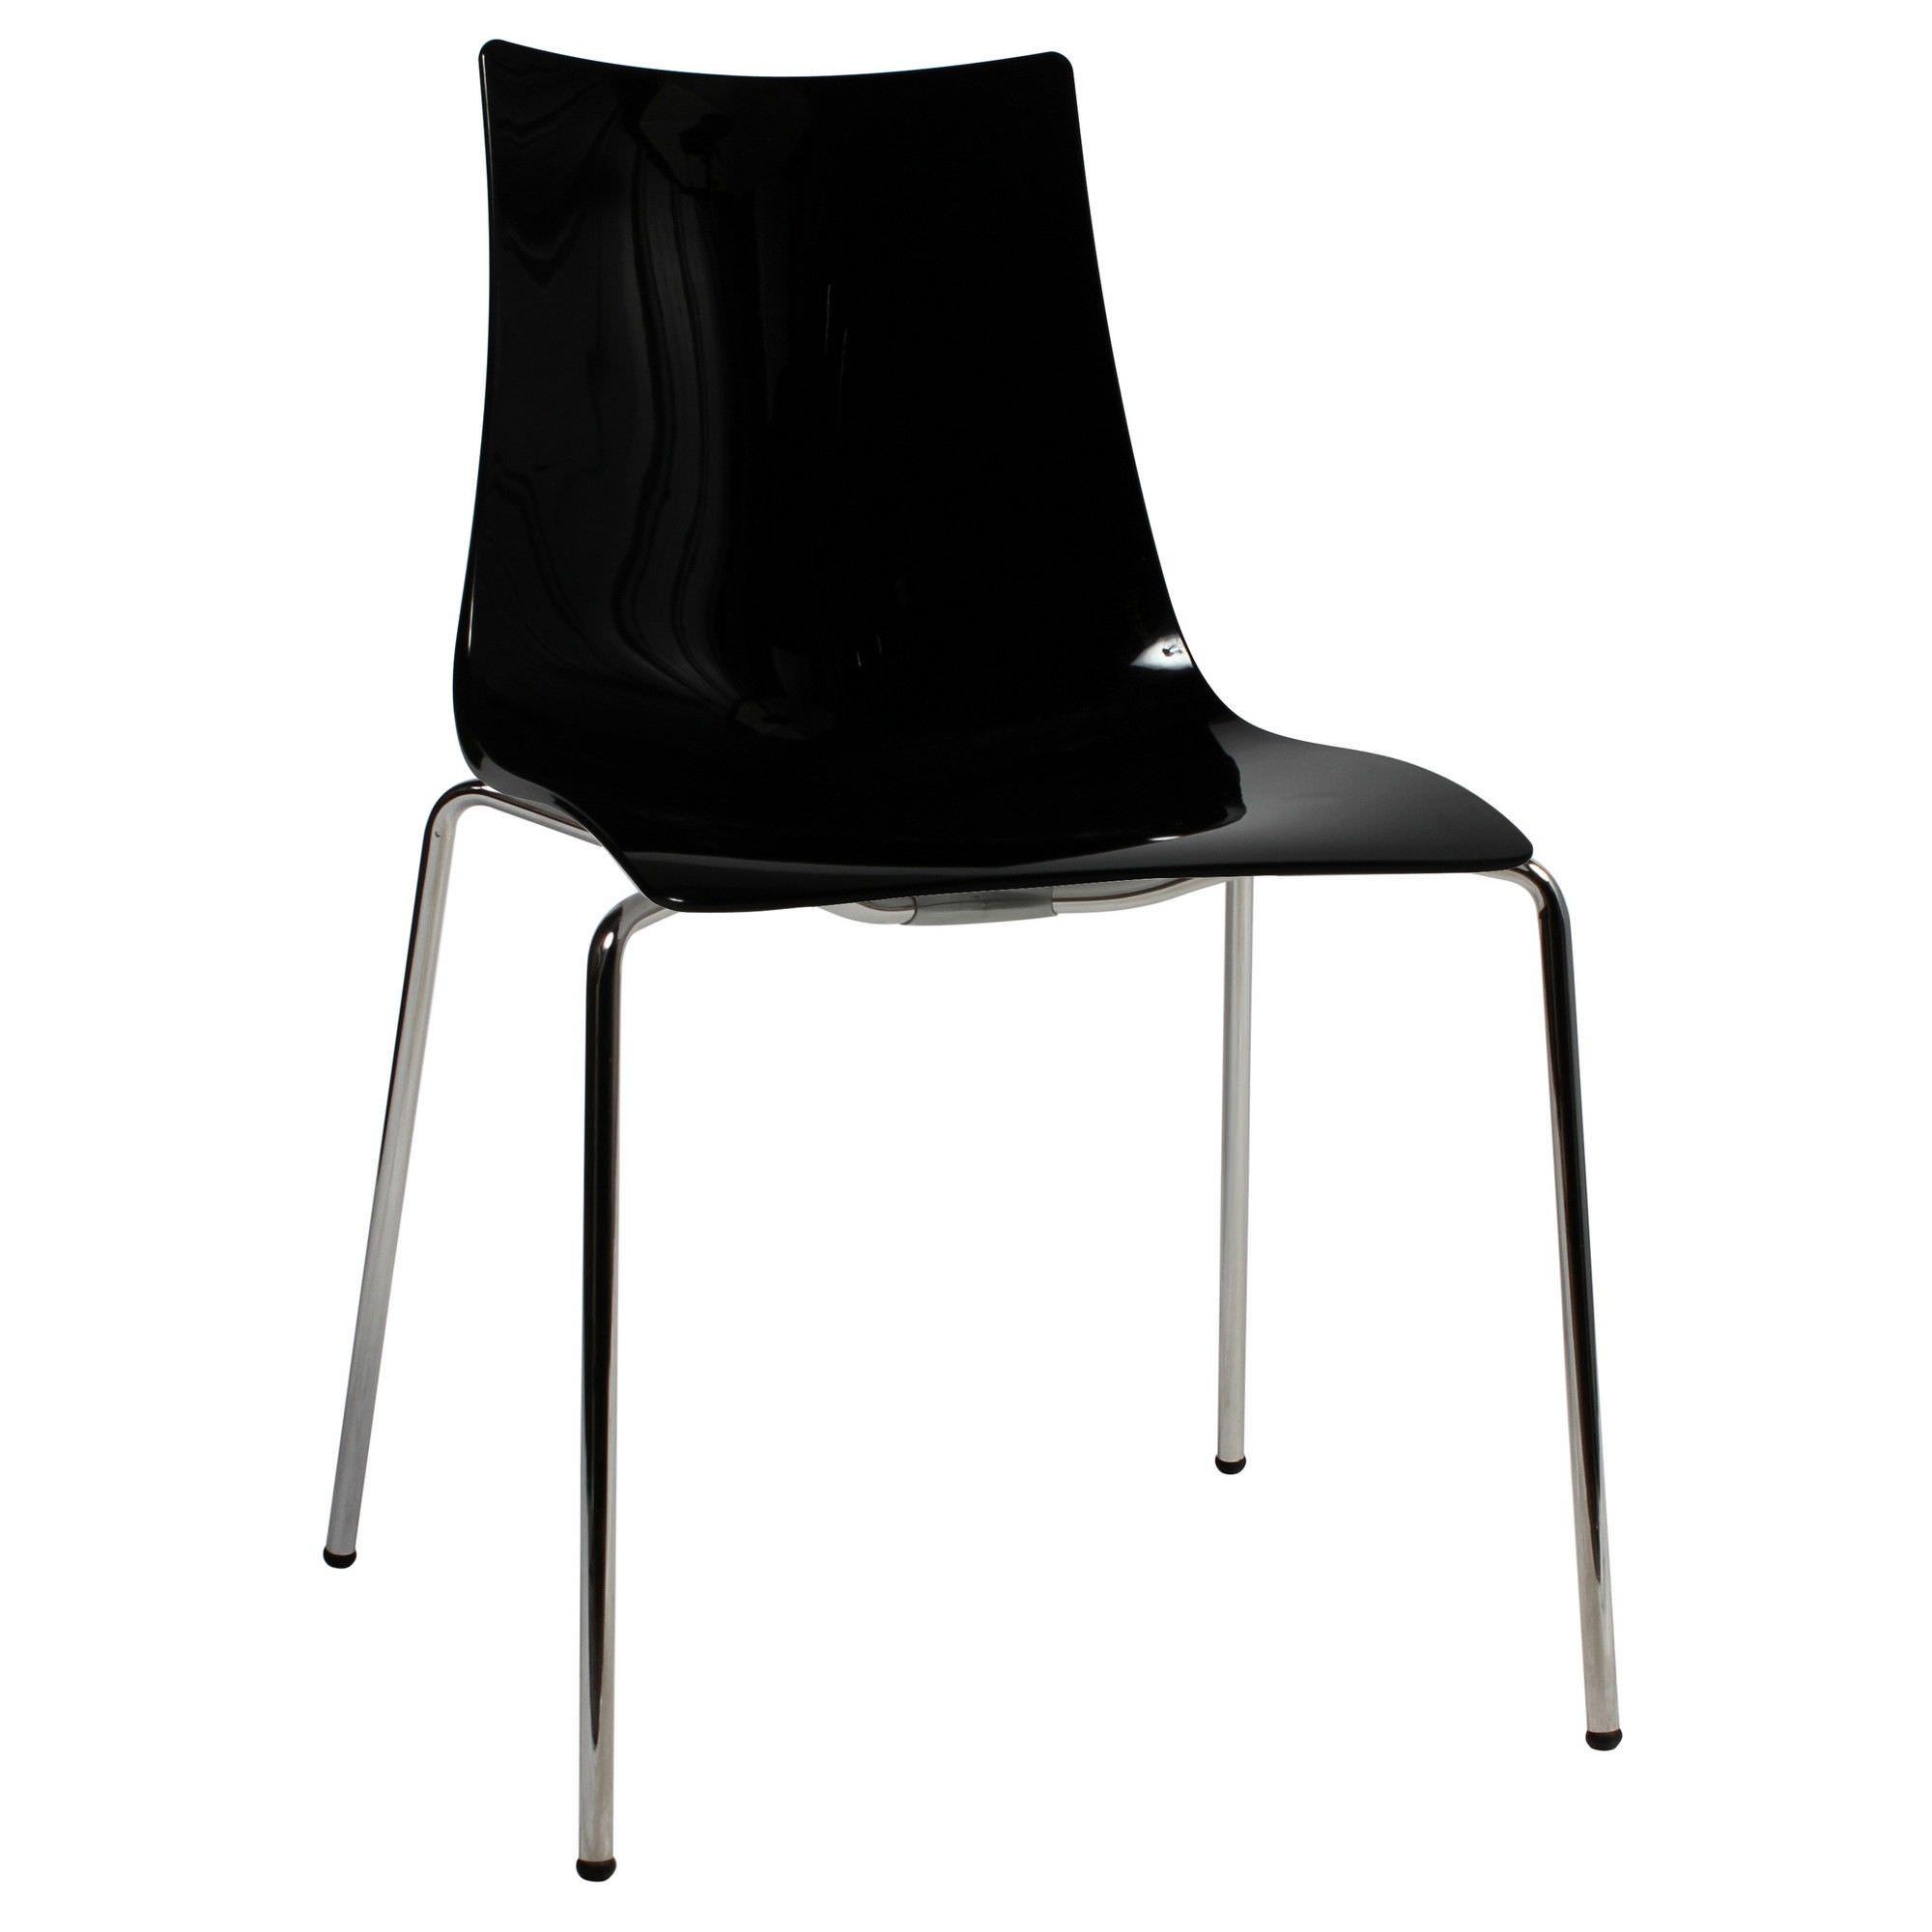 Zebra Italian Made Commercial Grade Dining Chair, Metal Leg, Black / Chrome